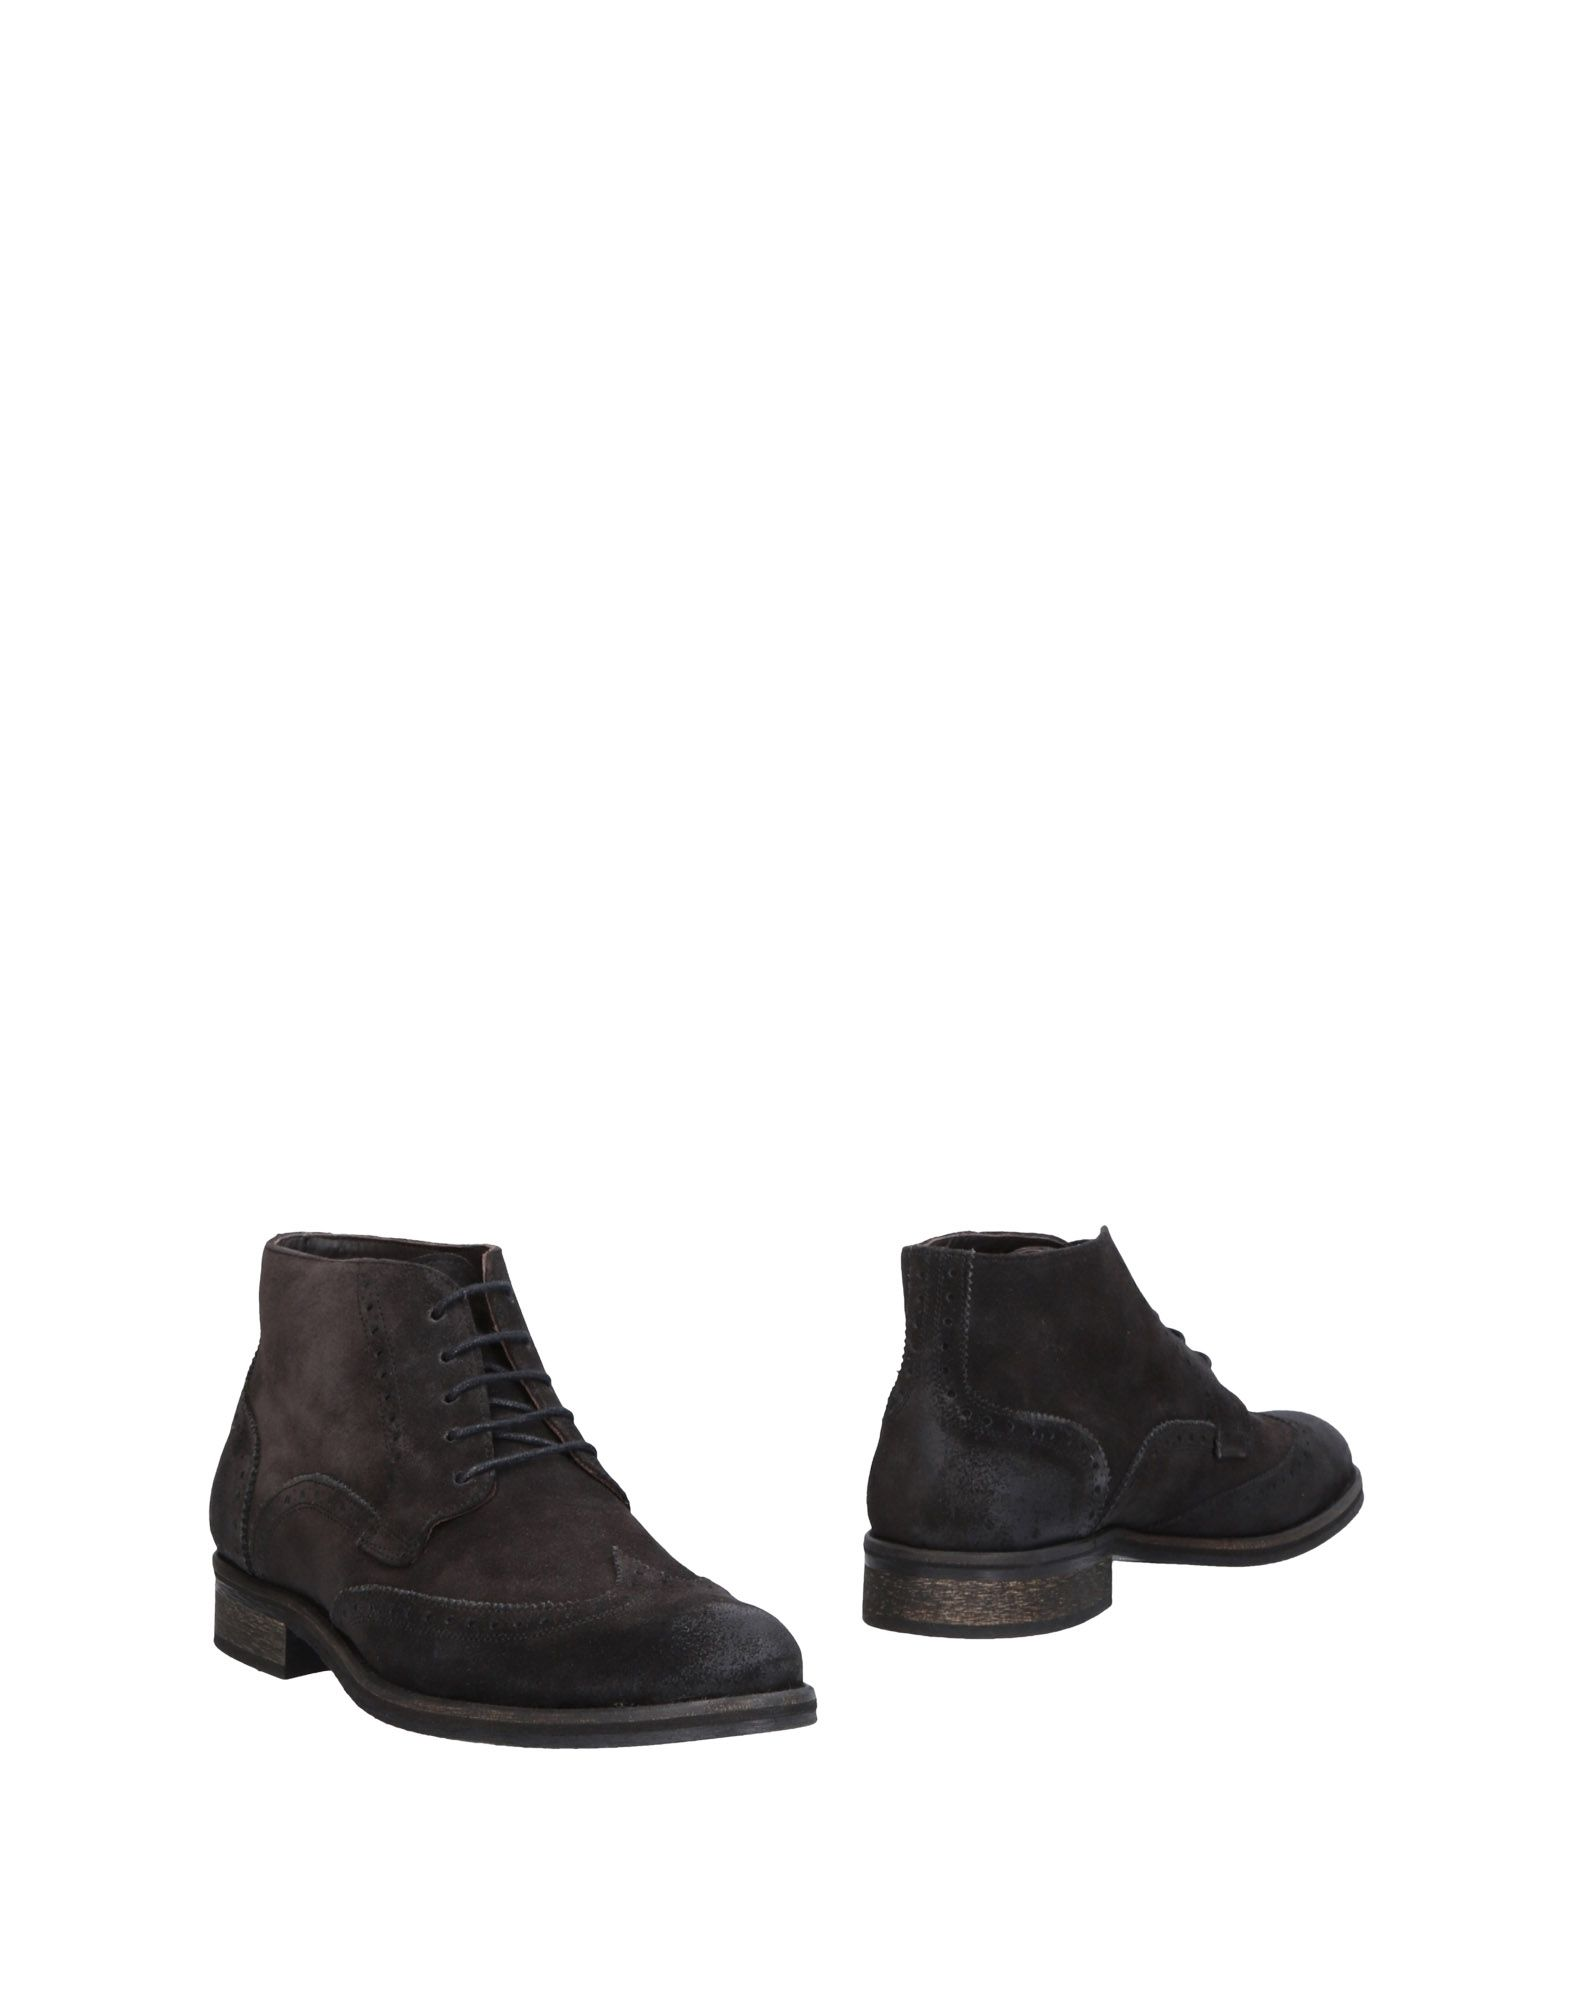 Rabatt echte Schuhe Amalfi Stiefelette Herren  11456935XF